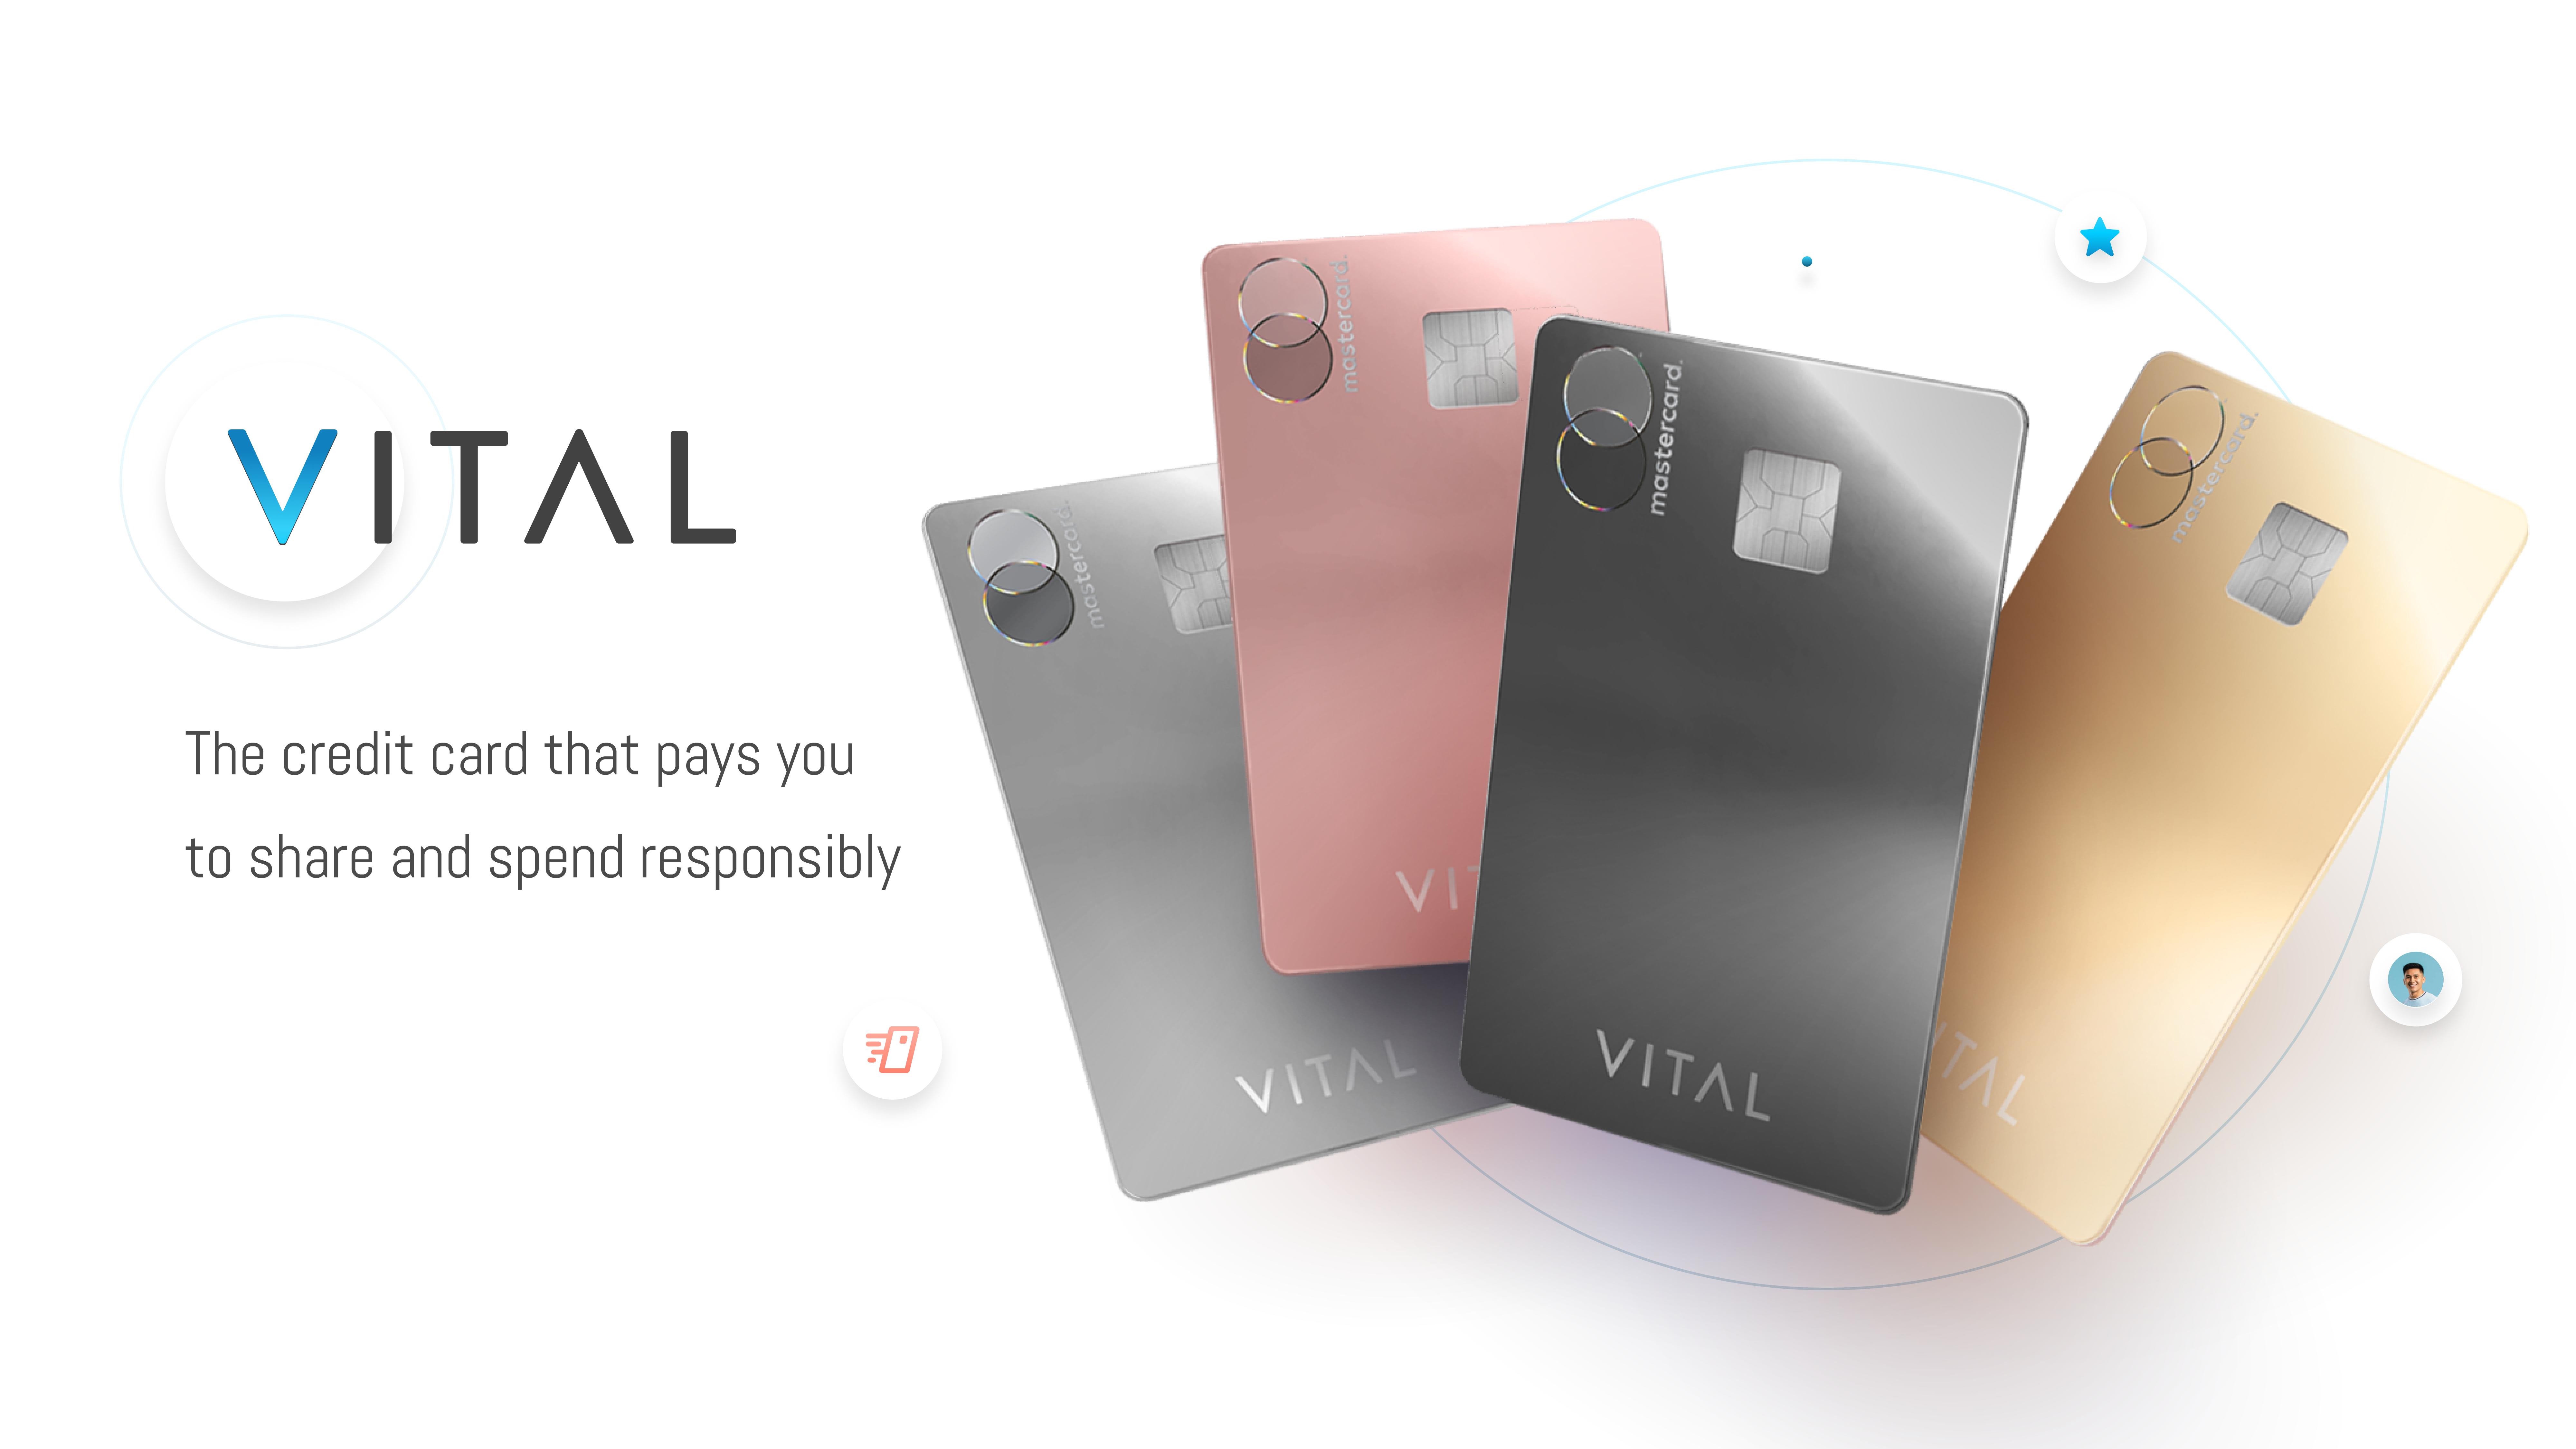 www vitalcard com